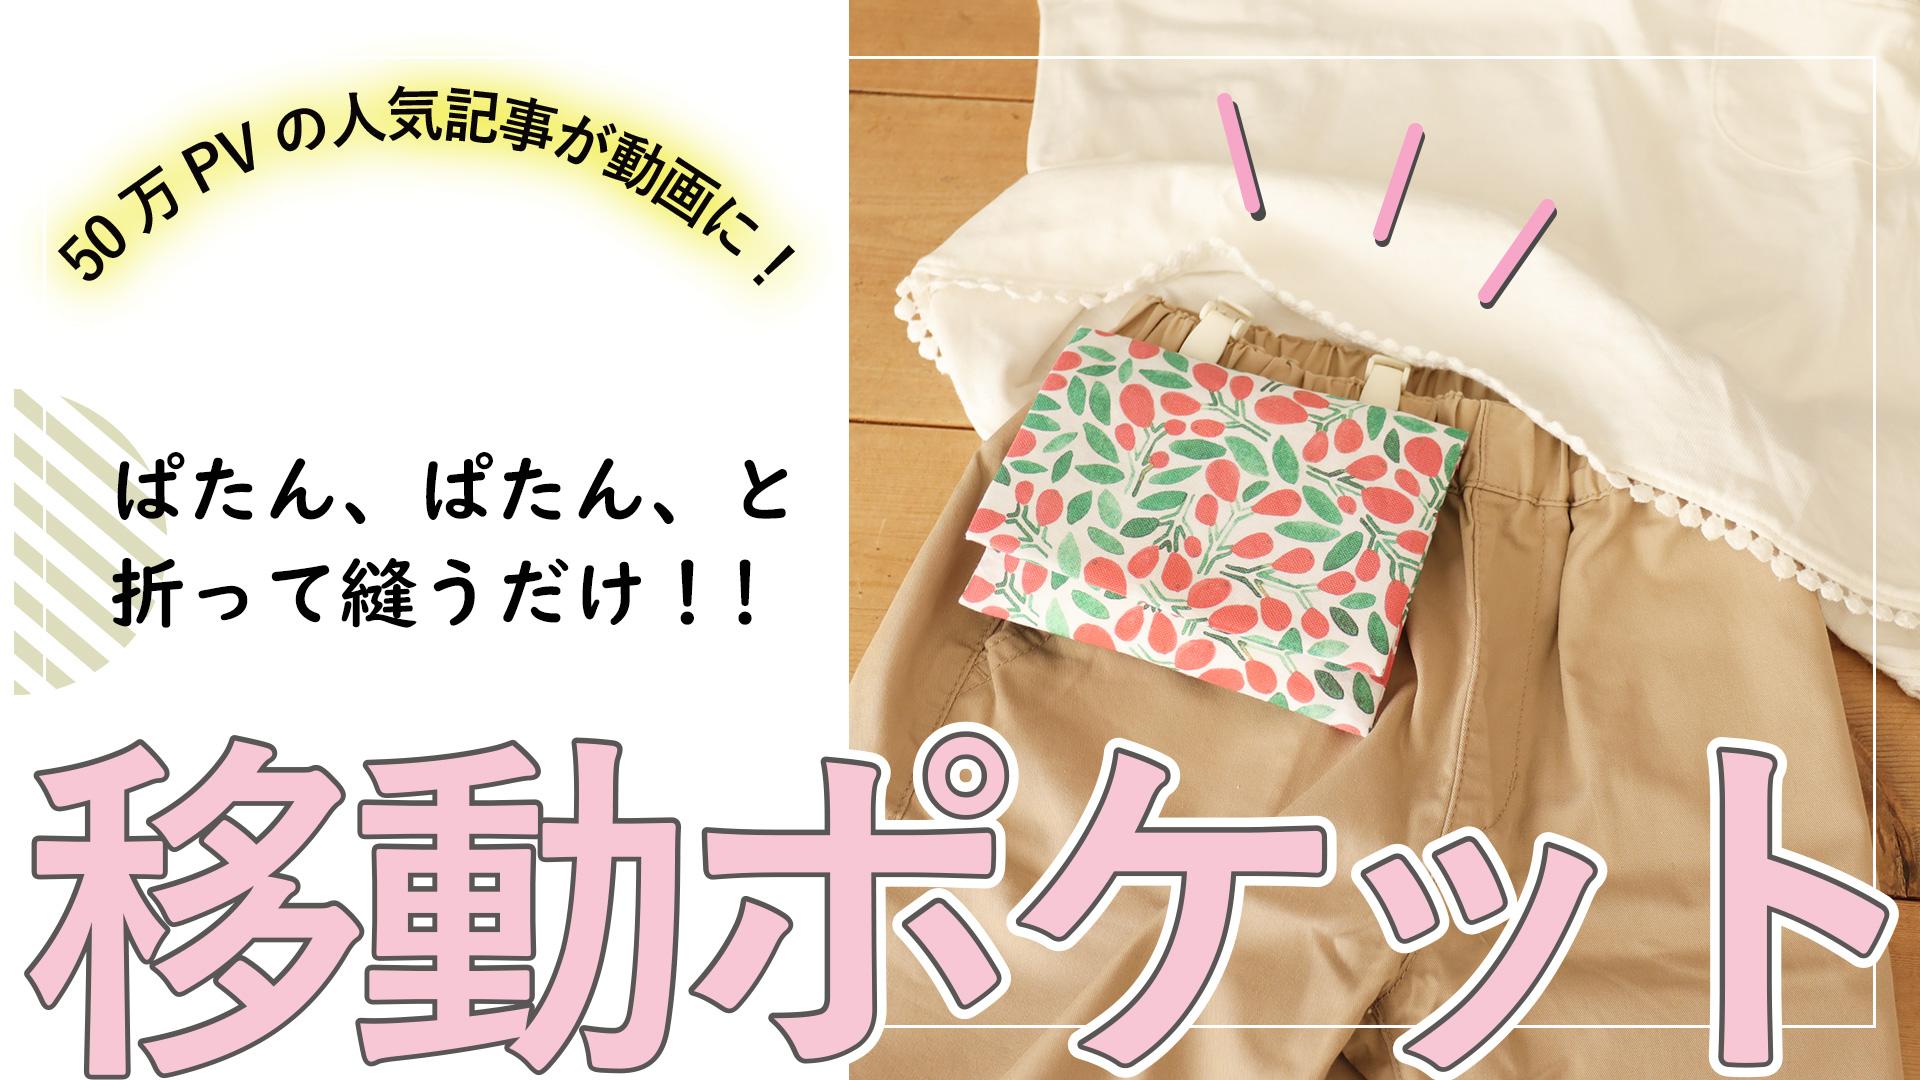 1枚布を折って縫うだけ!簡単な移動ポケットの作り方